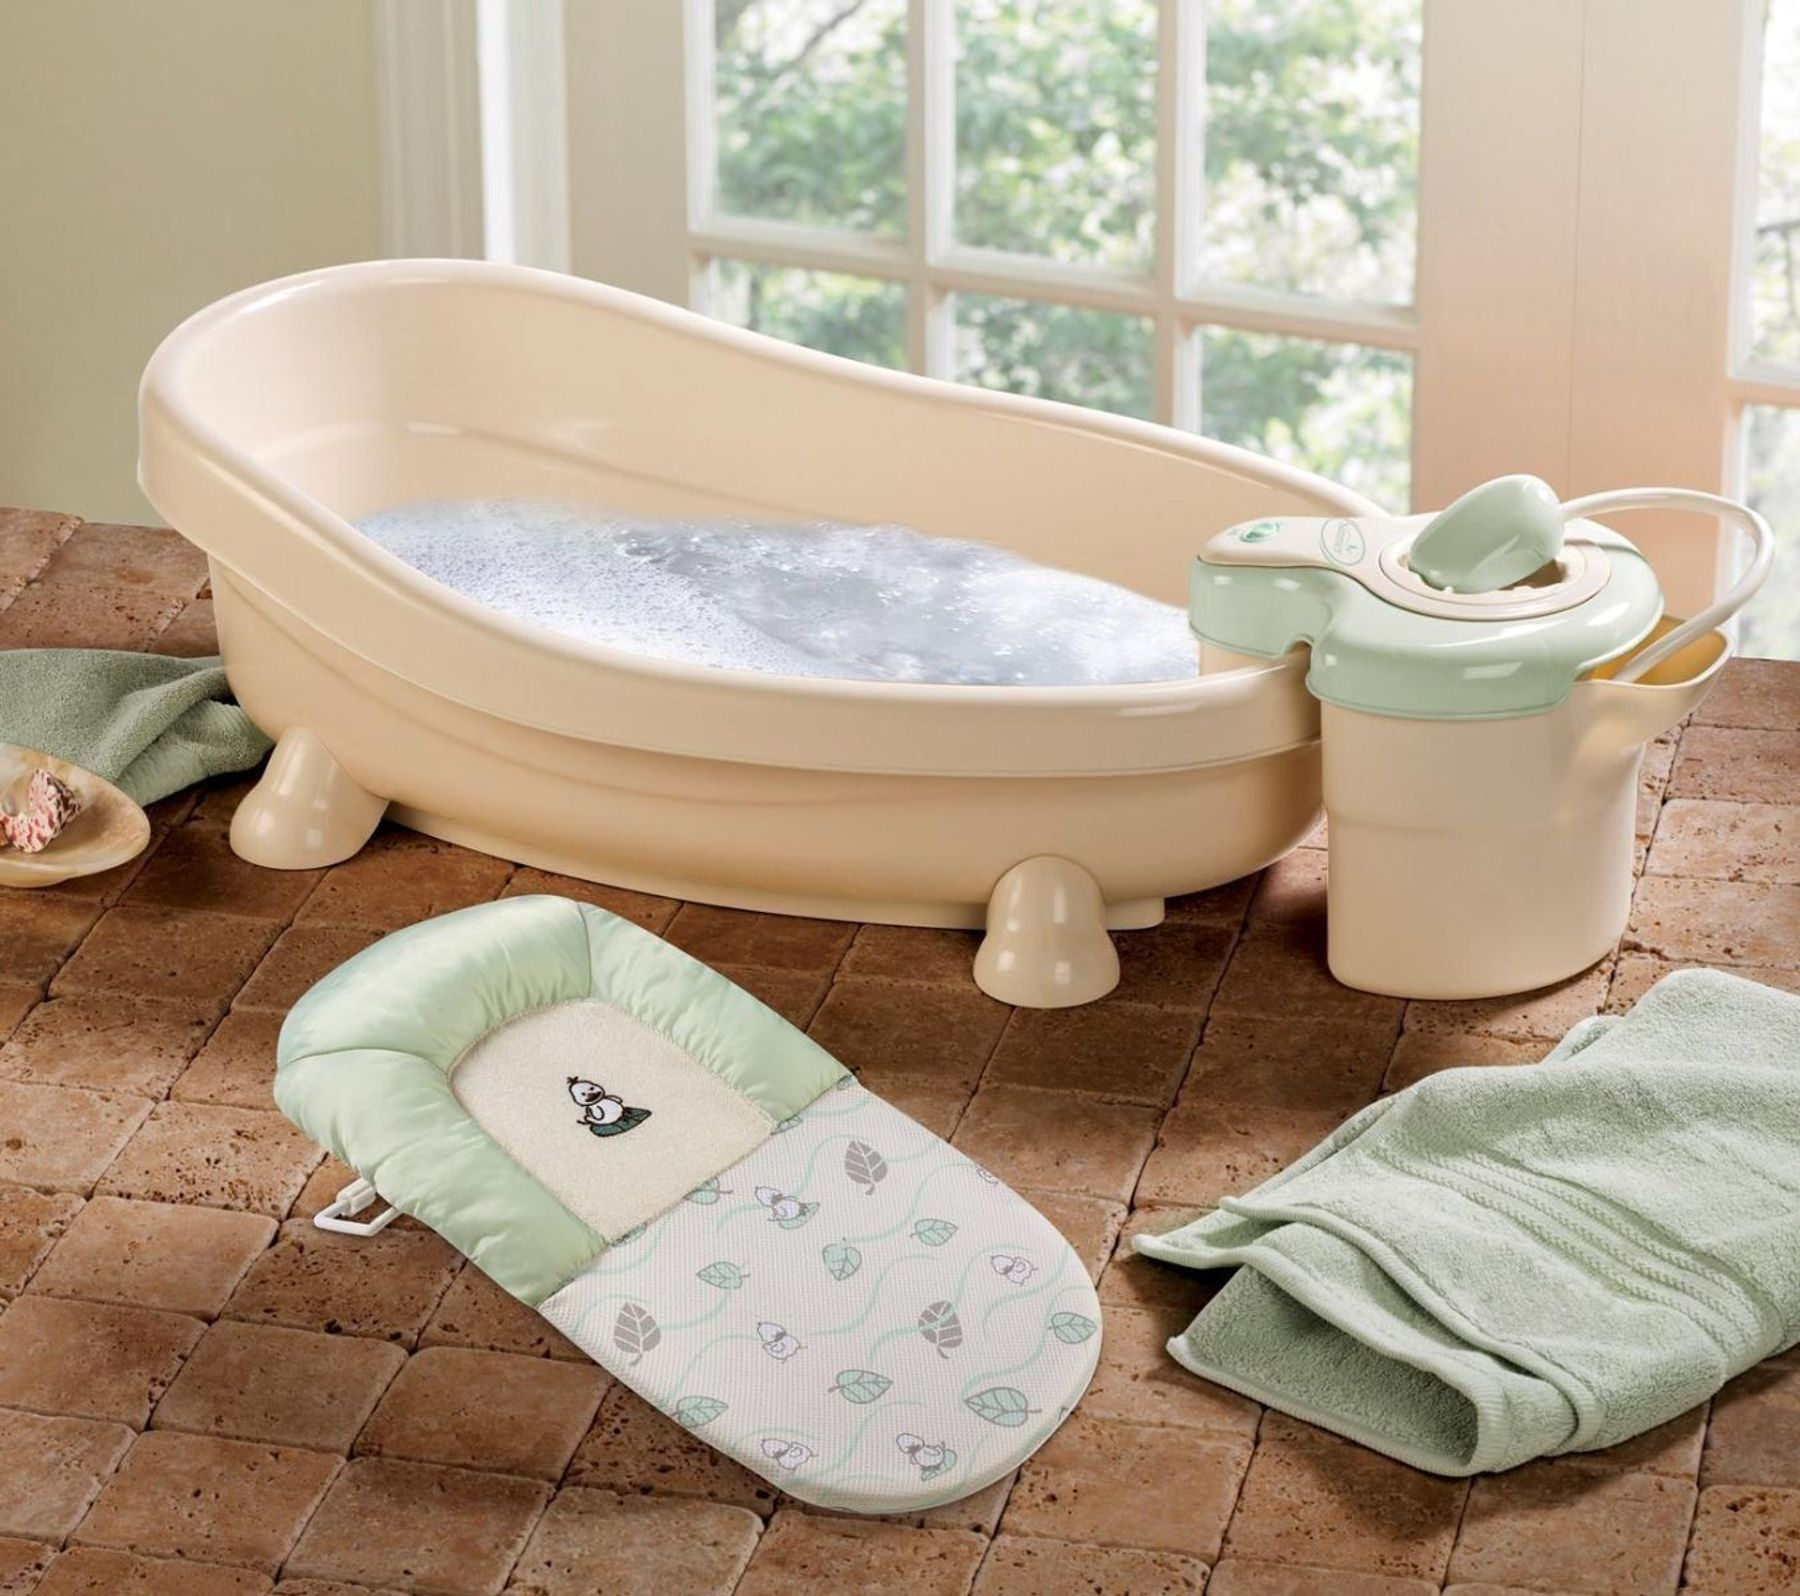 Cách tắm cho trẻ sơ sinh - Chuẩn bị dụng cụ tắm phù hợp cho bé